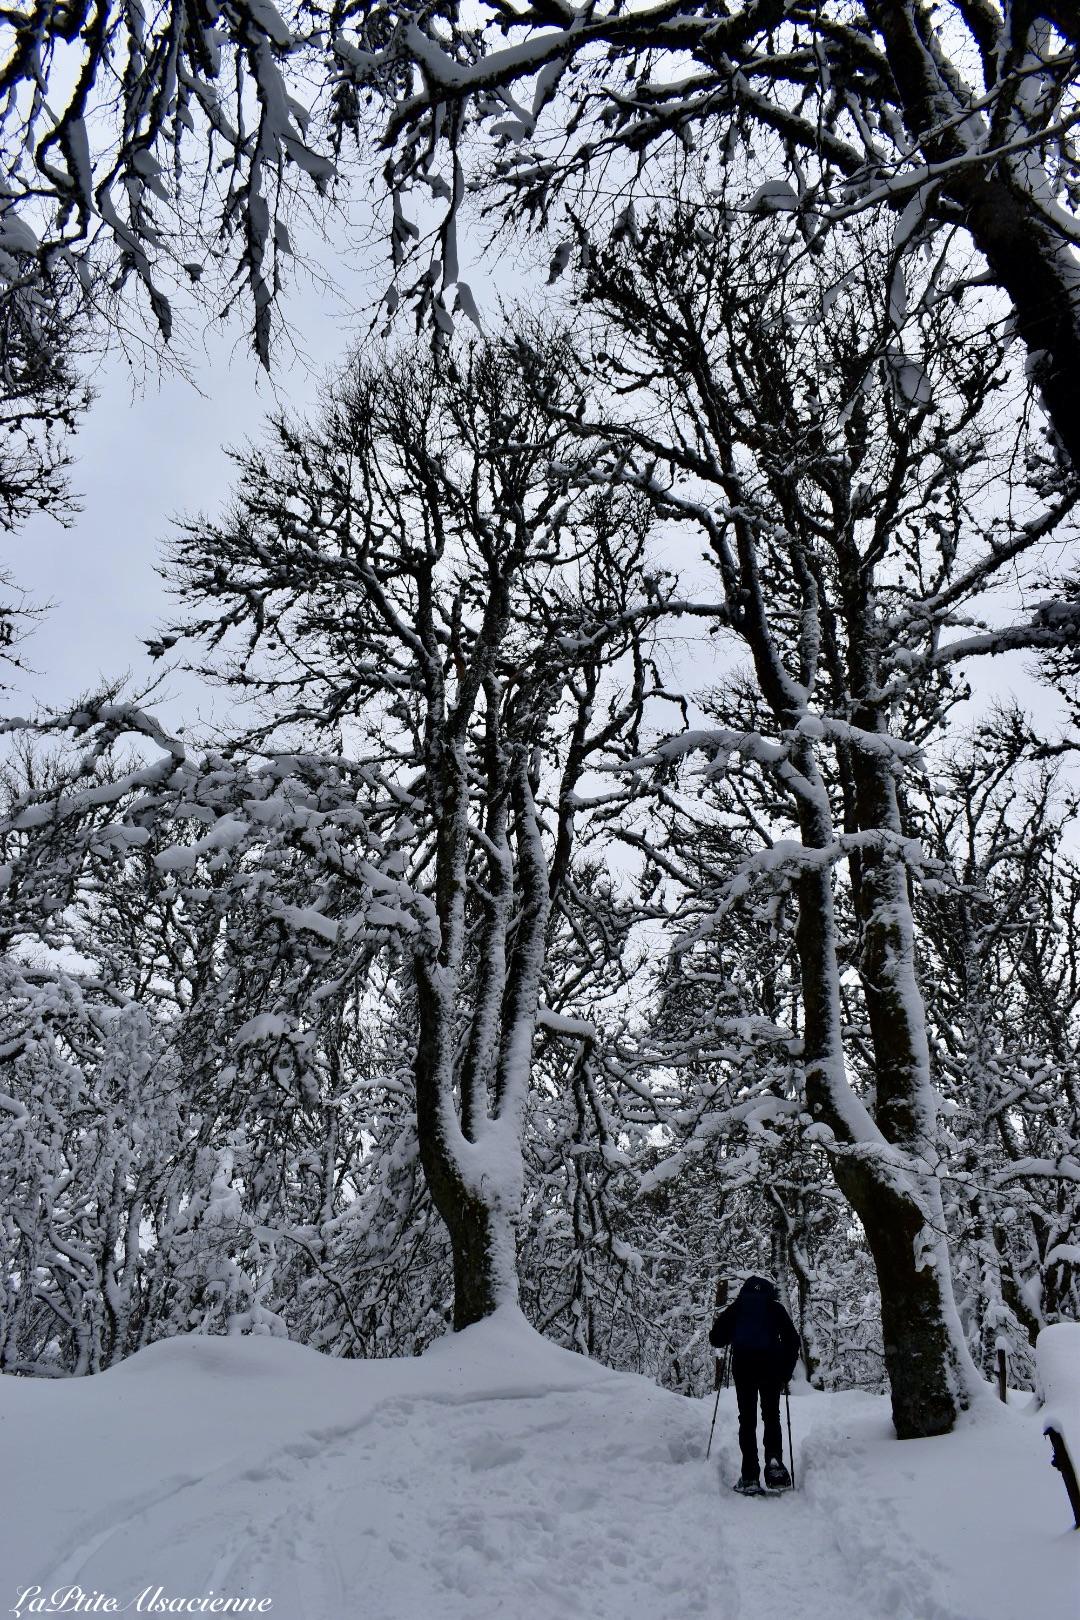 Montée enneigée vers le Petit Ballon sous les arbres